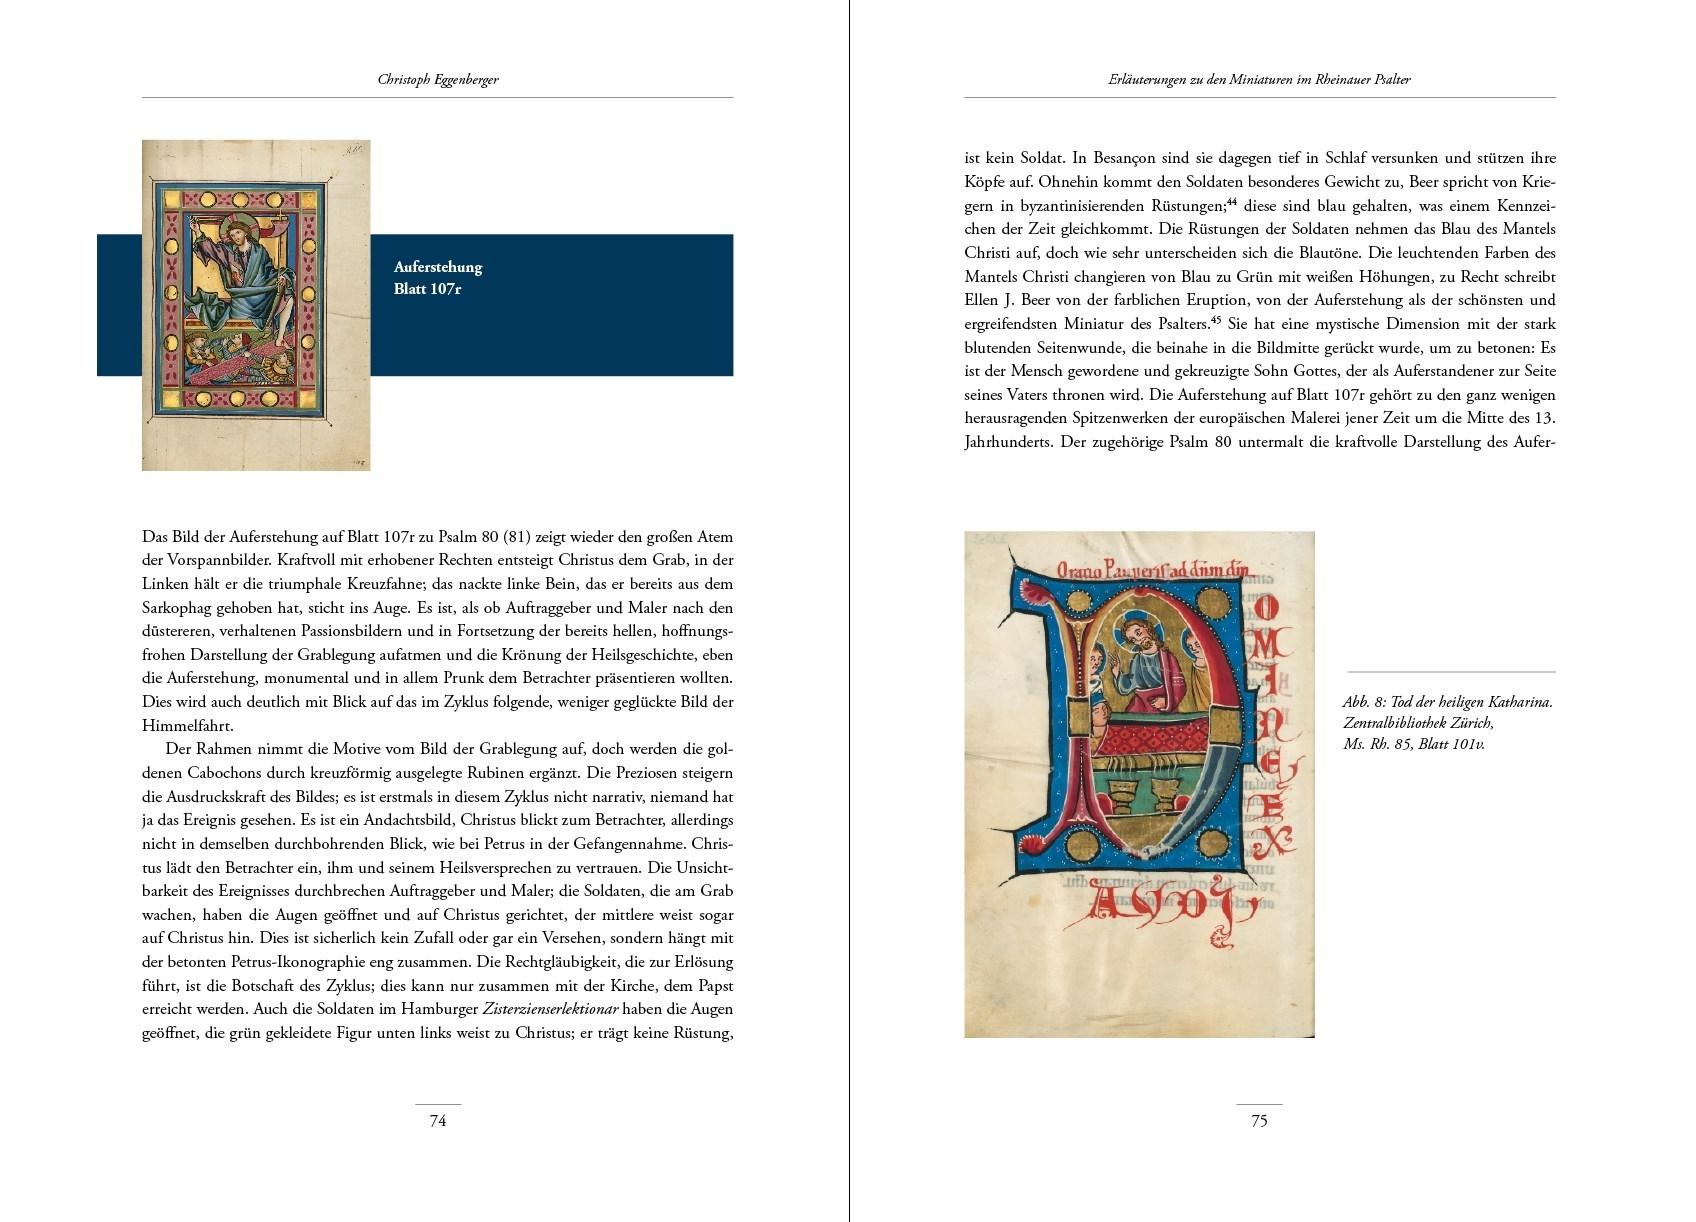 Rheinauer Psalter, Kunstbuch-Edition, p. 74-75